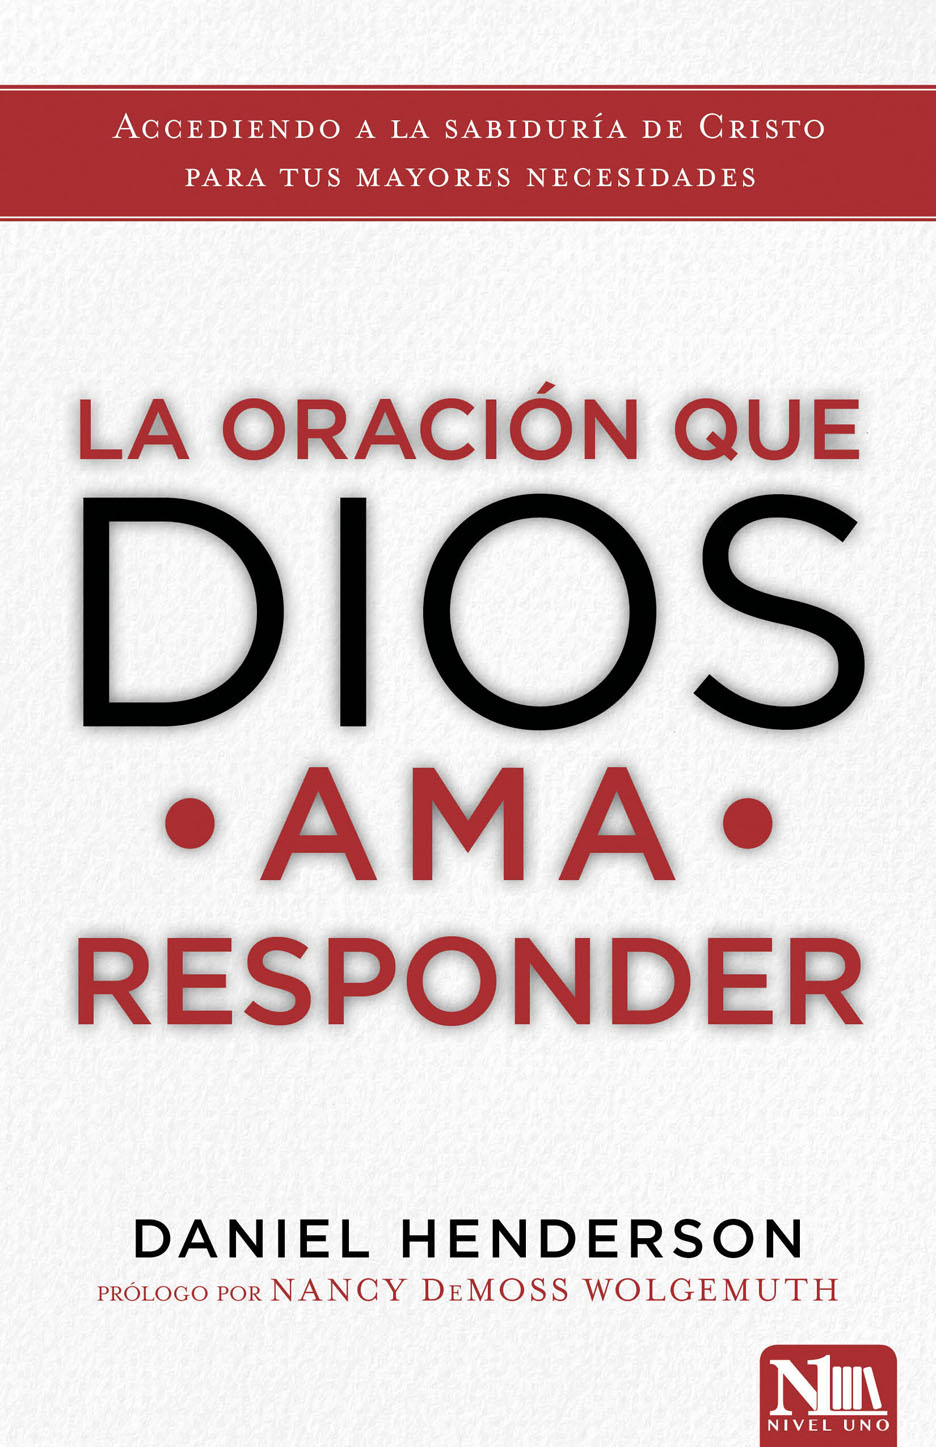 La oración que Dios ama responder